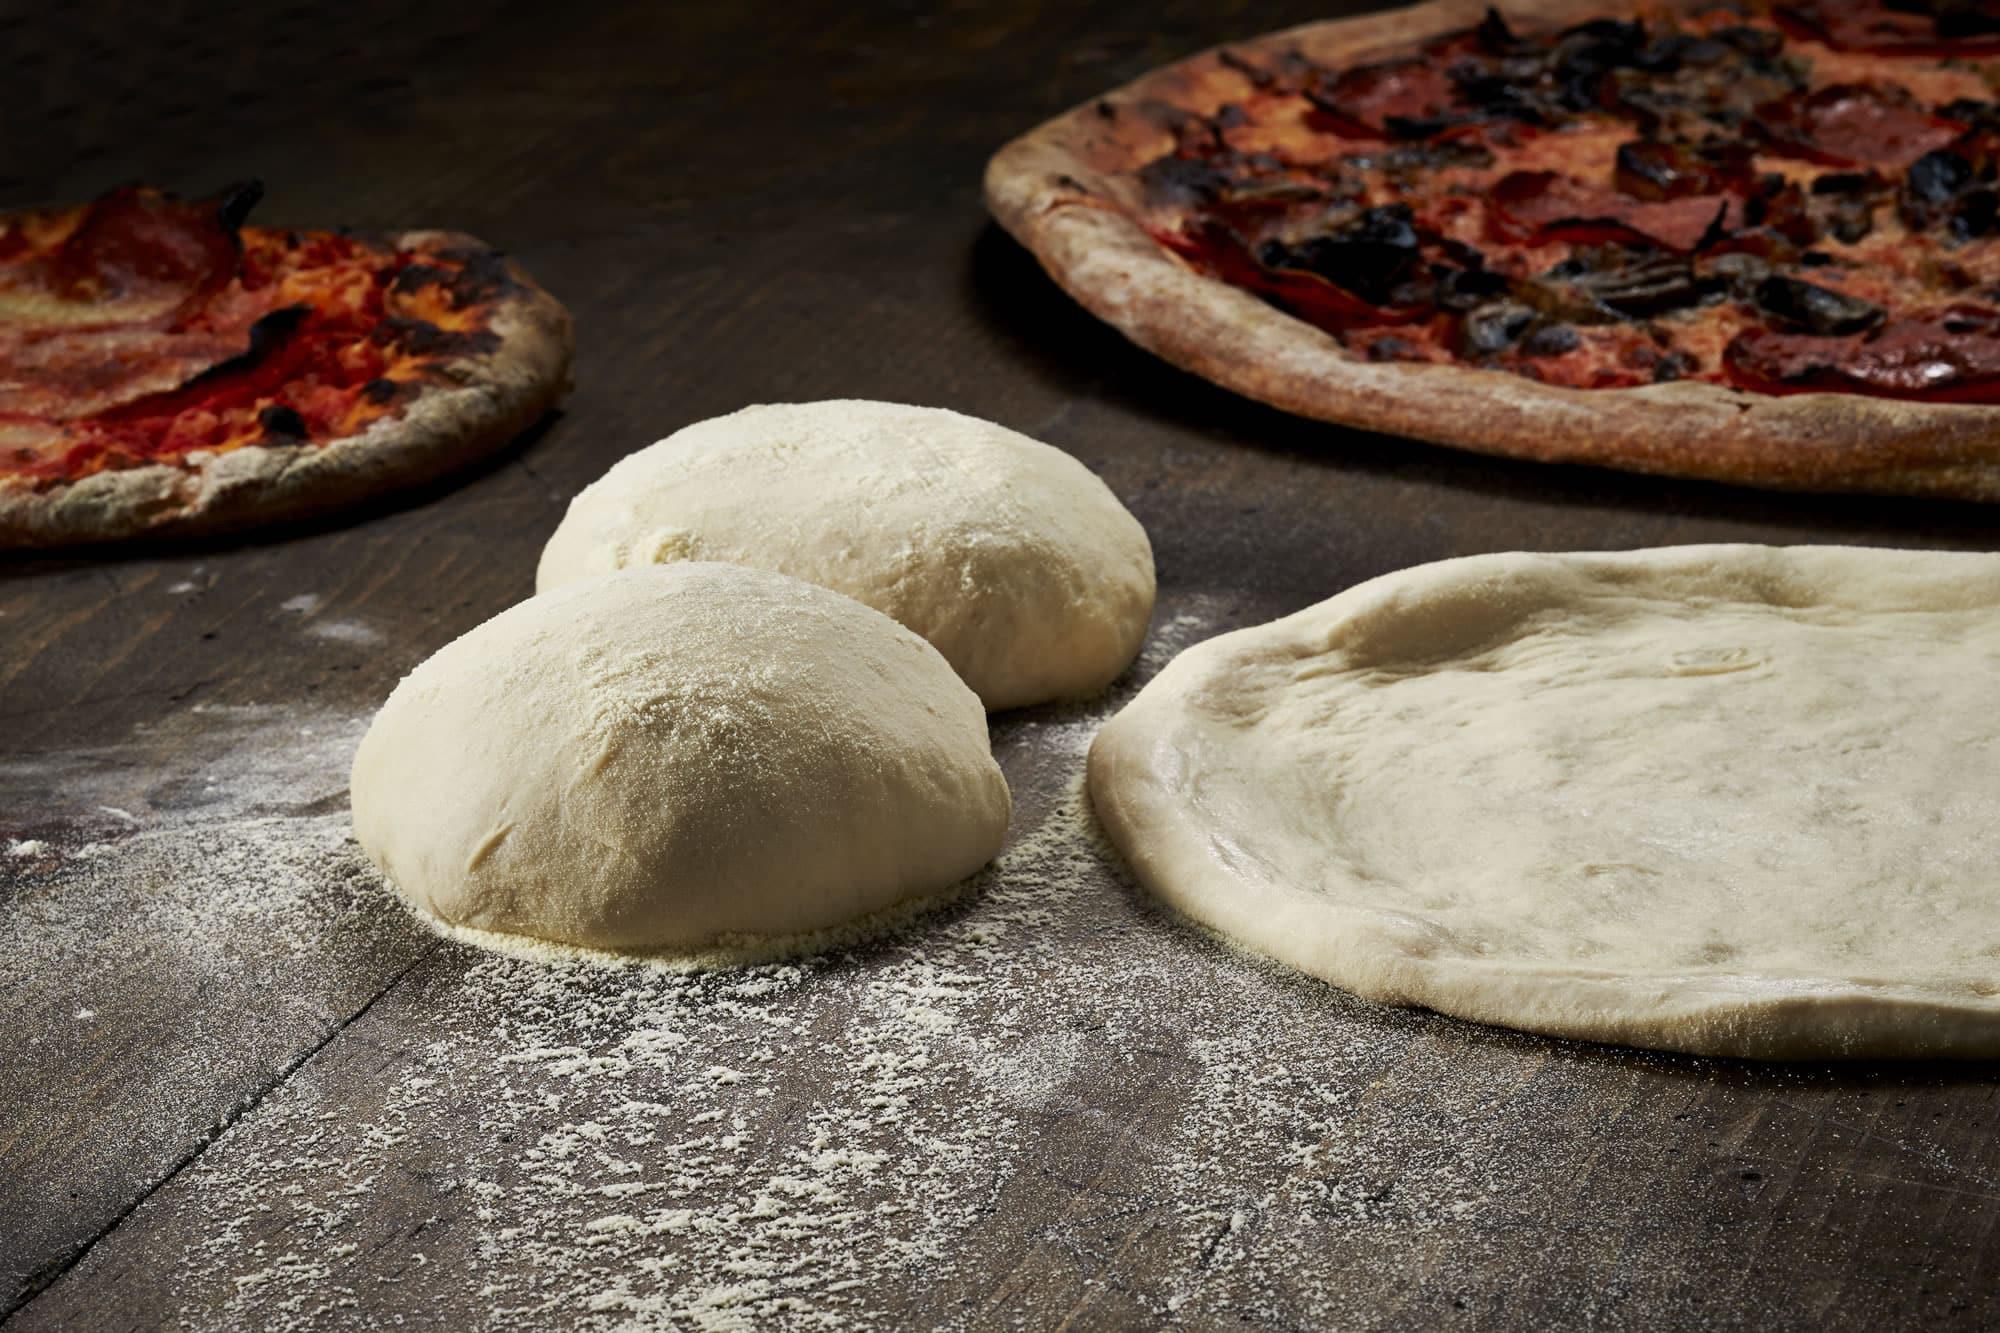 Italian Pizza Dough Recipe  Authentic Italian Pizza Dough Recipe Straight from Naples